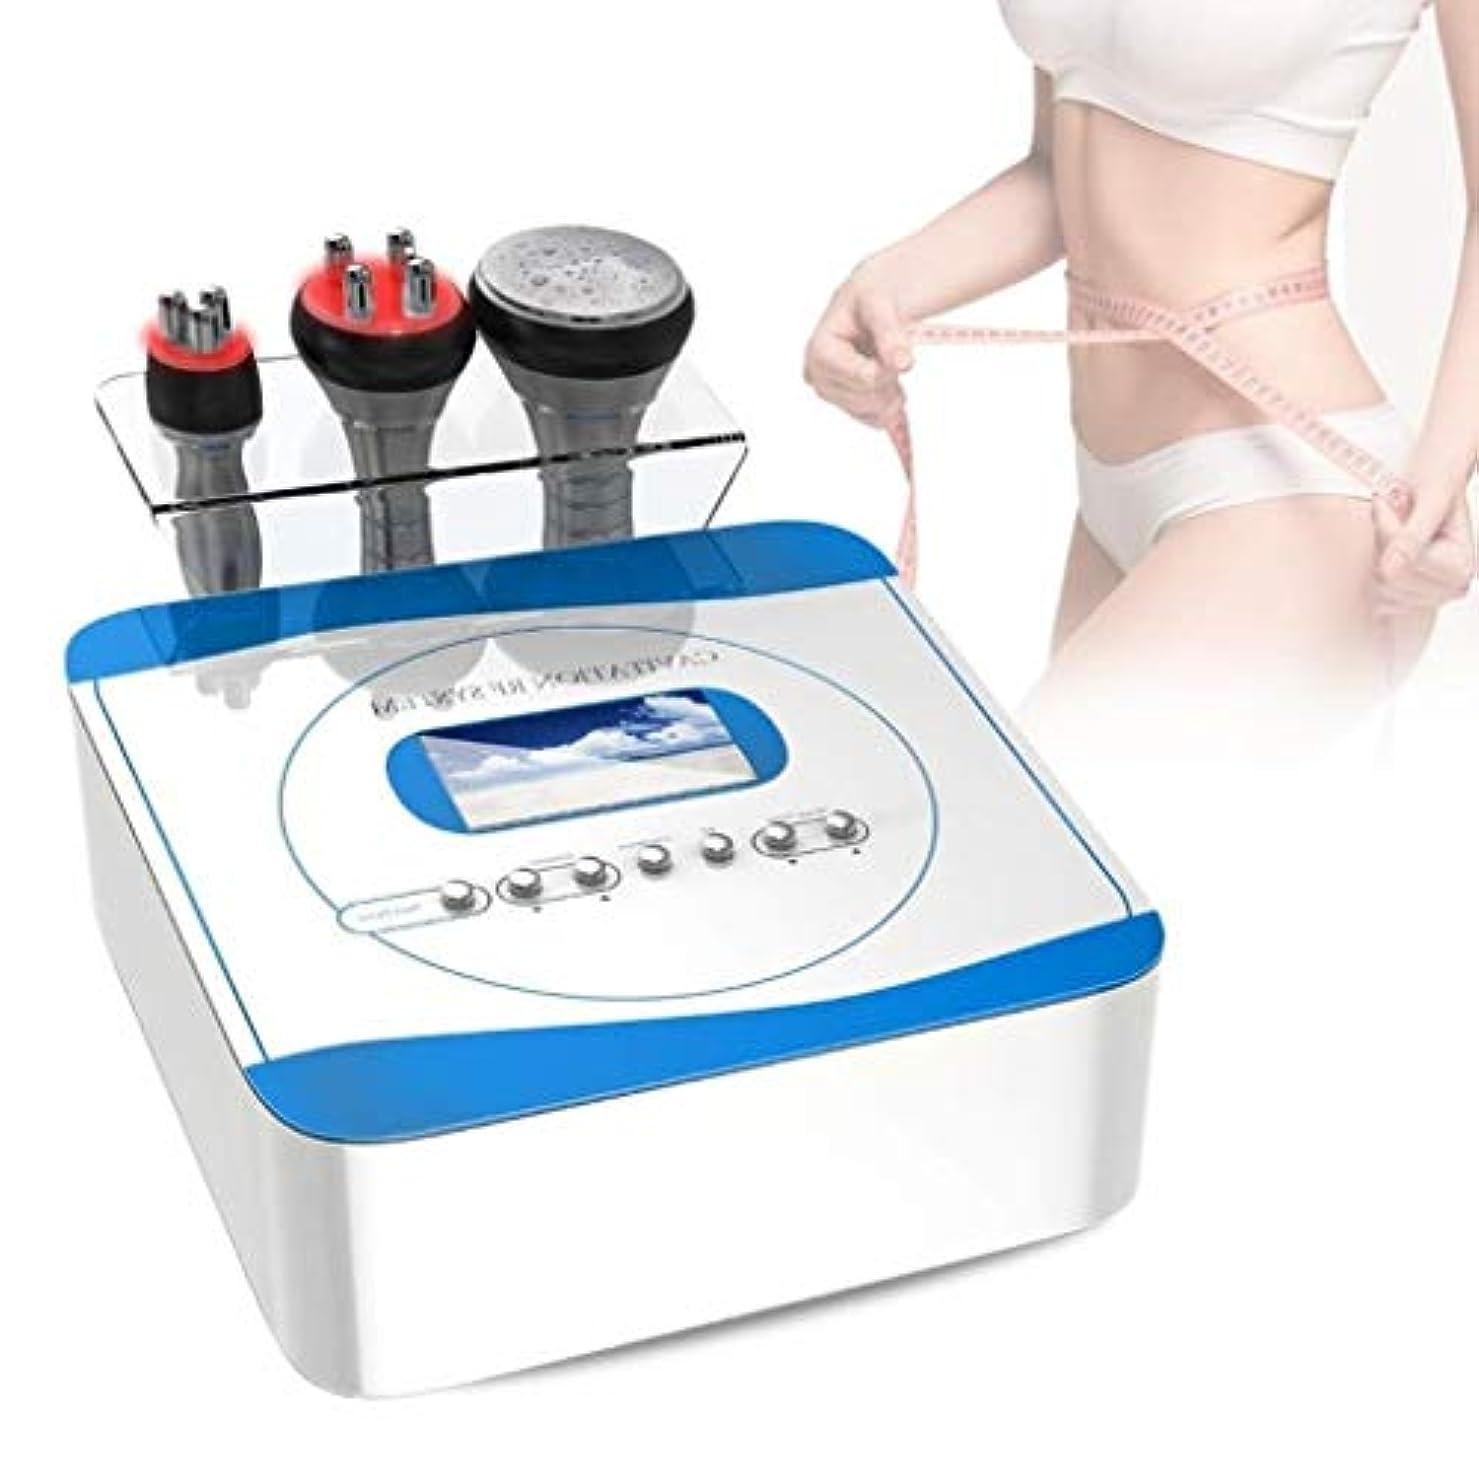 孤独な衝動富減量機、3-in-1ボディマッサージャー、腹部ウエストアーム脂肪の除去/肌の引き締め/減量機、引き締めの引き締め肌美容機